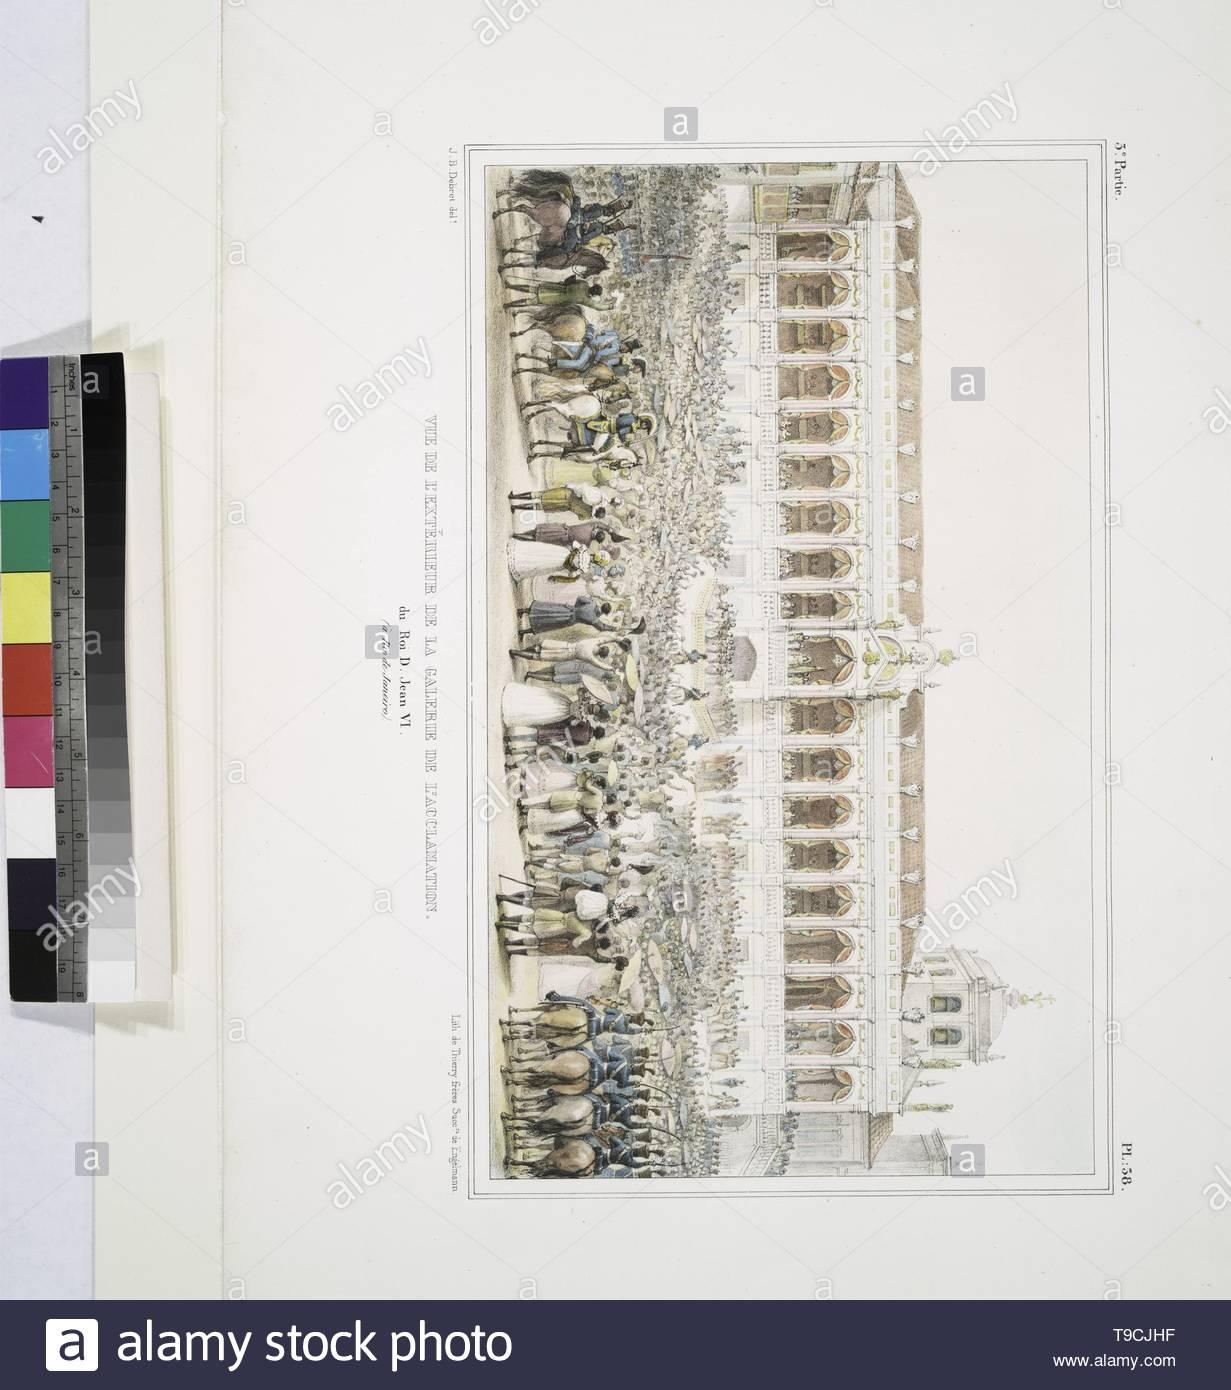 Debret,JeanBaptiste(1768-1848)-Vue de l& x27 extériere de la galerie de l& x27,acclamation du roi D. Jean VI (à Rio de Janeiro) Photo Stock